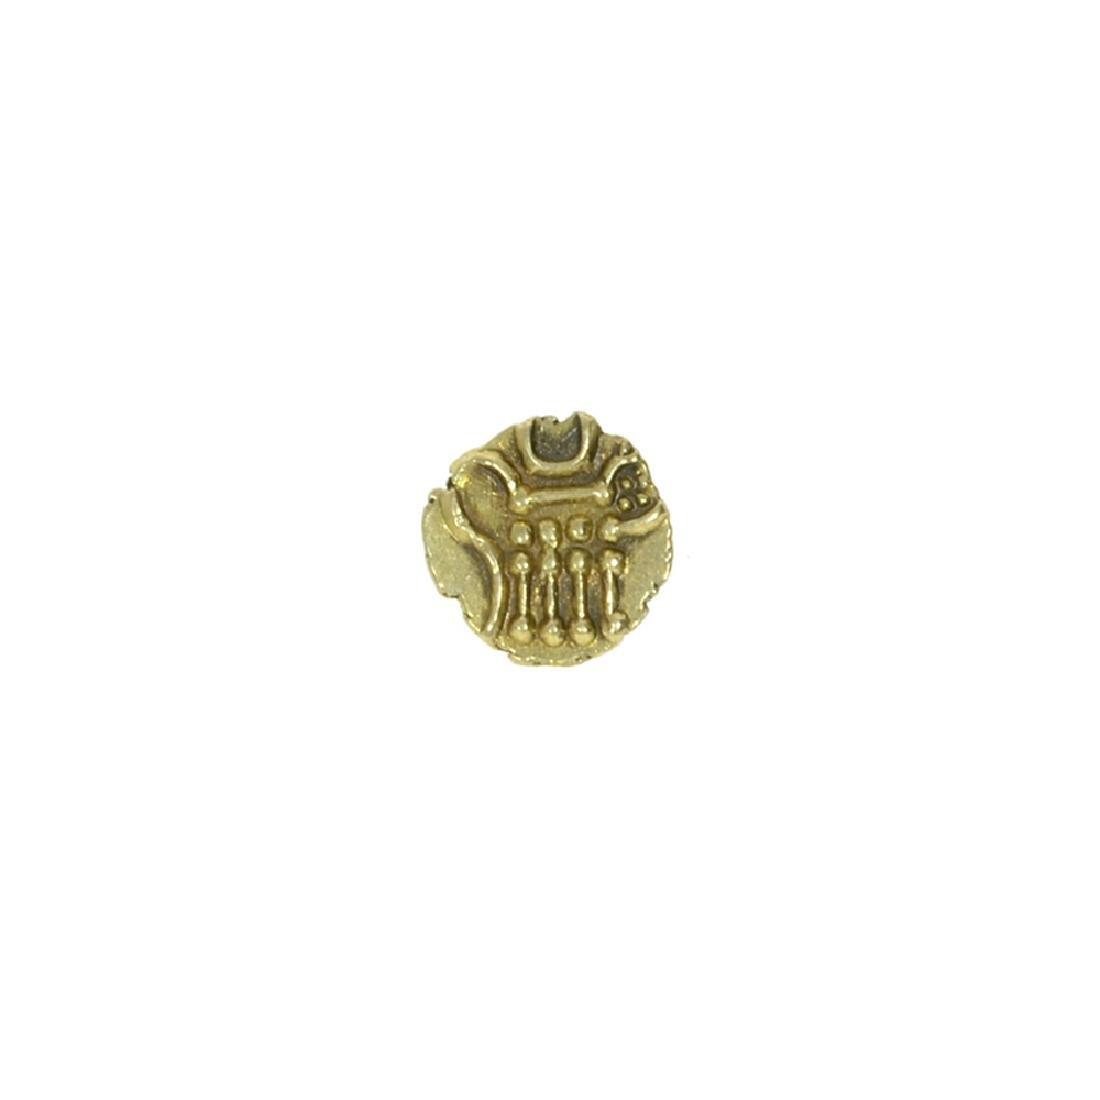 1760-1834 South India ''Vira Raya'' Fanam Coin - 2